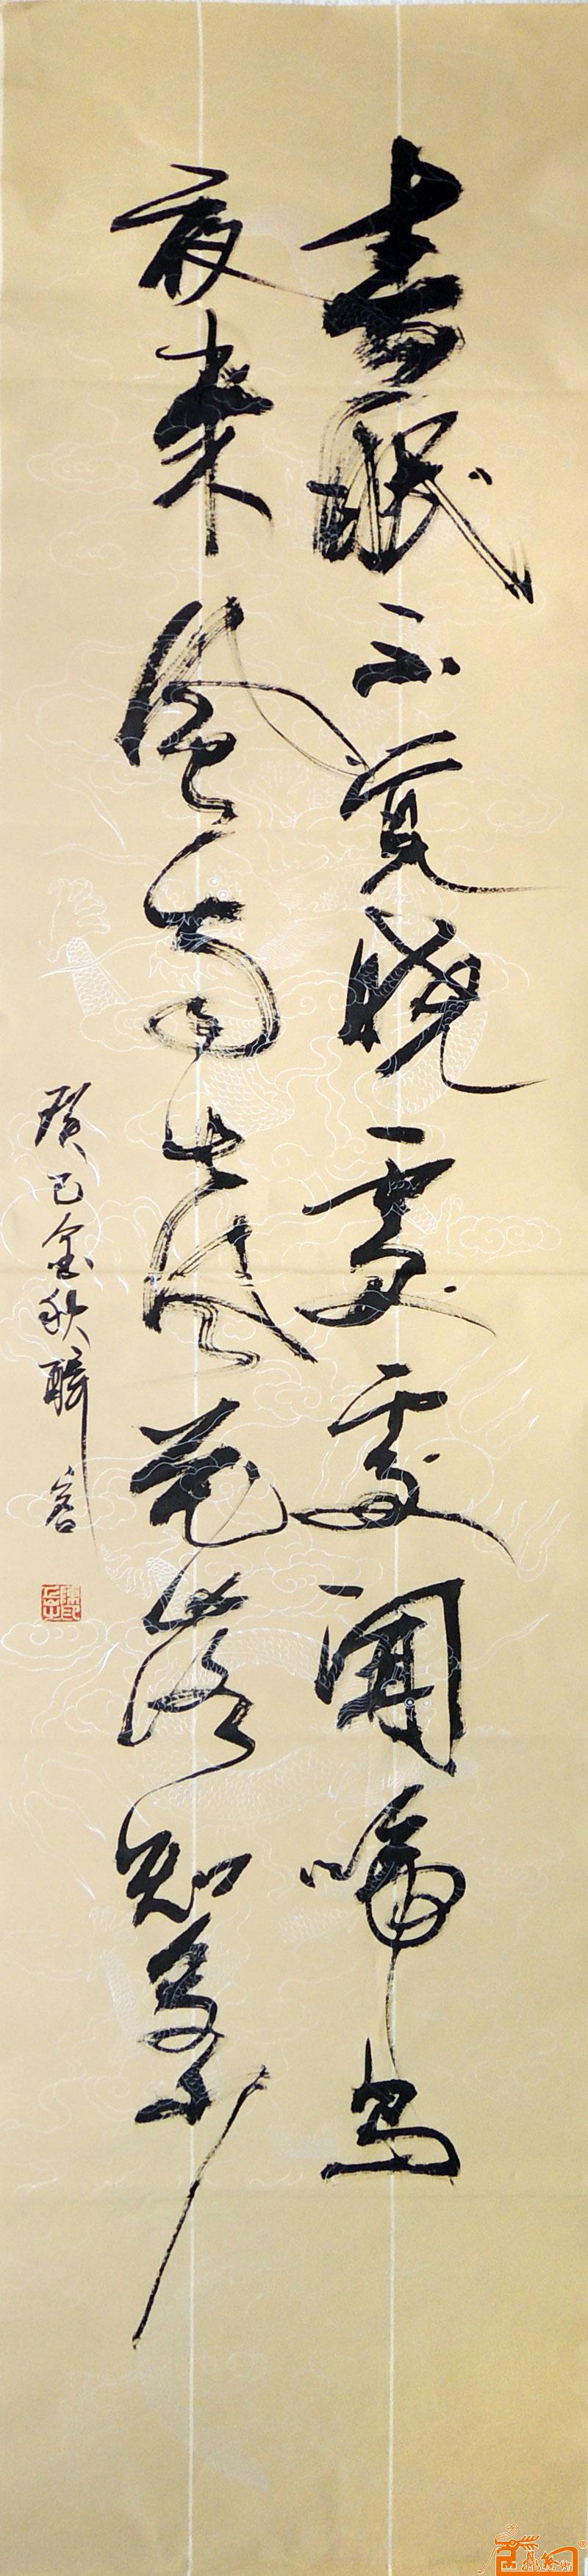 作品151-陈岳-淘宝-名人字画-中国书画服务中心,中国图片